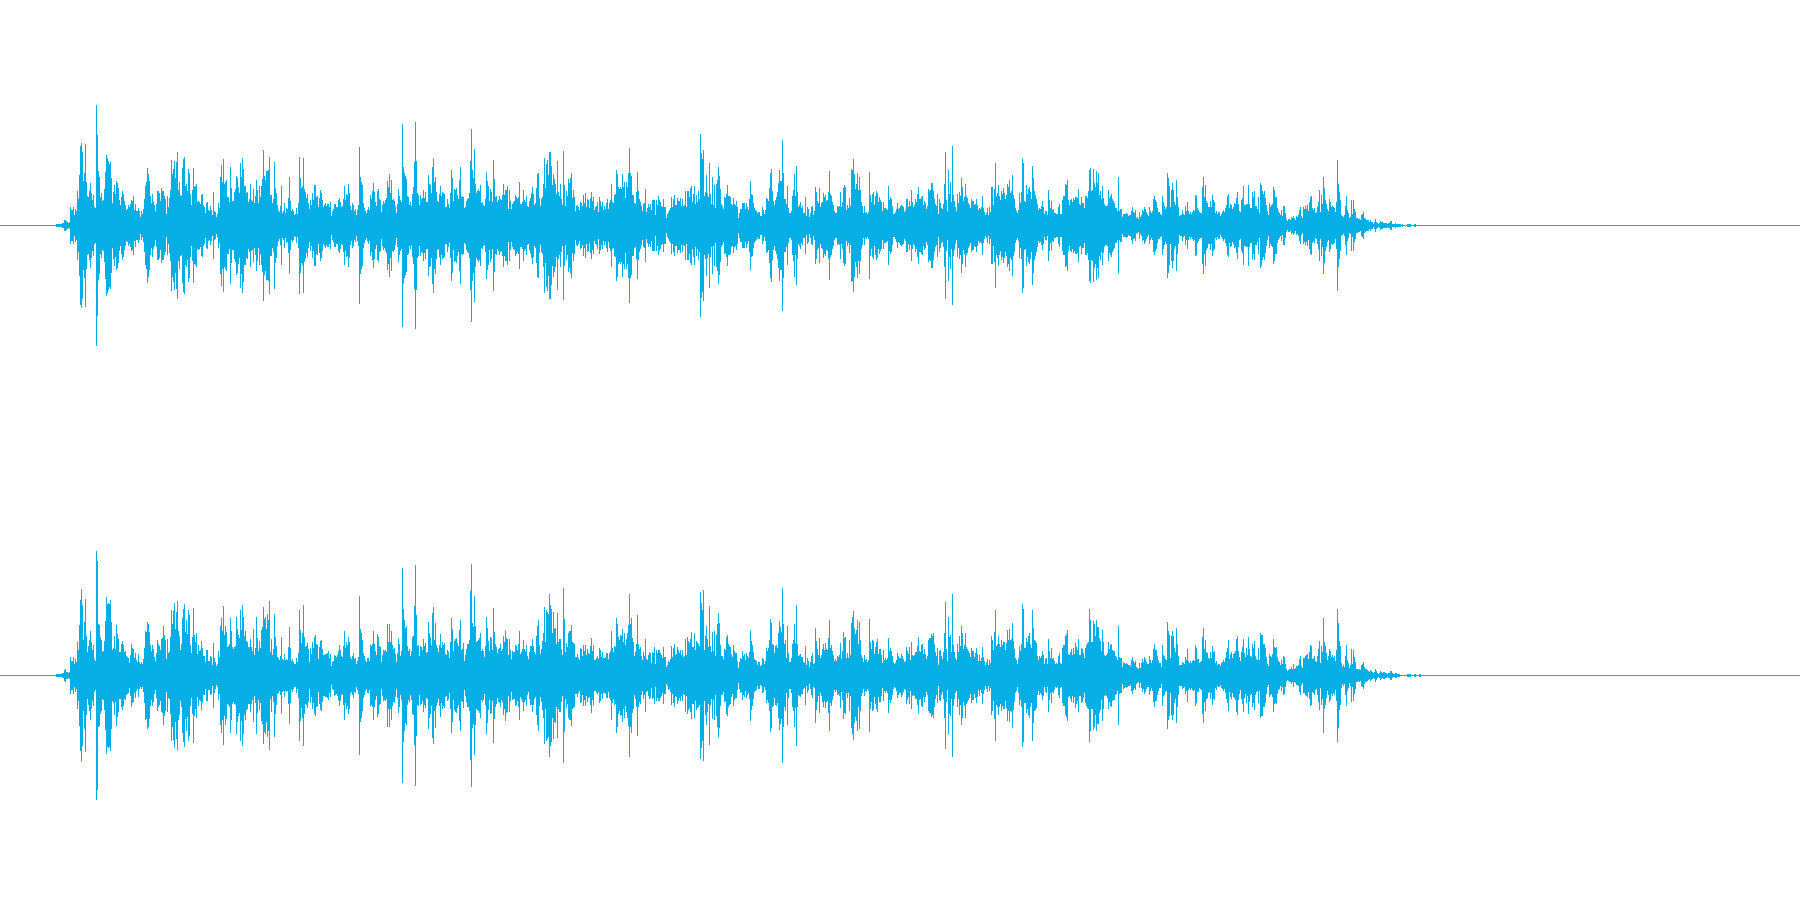 シャカシャカシャカシャカ(生録音)の再生済みの波形